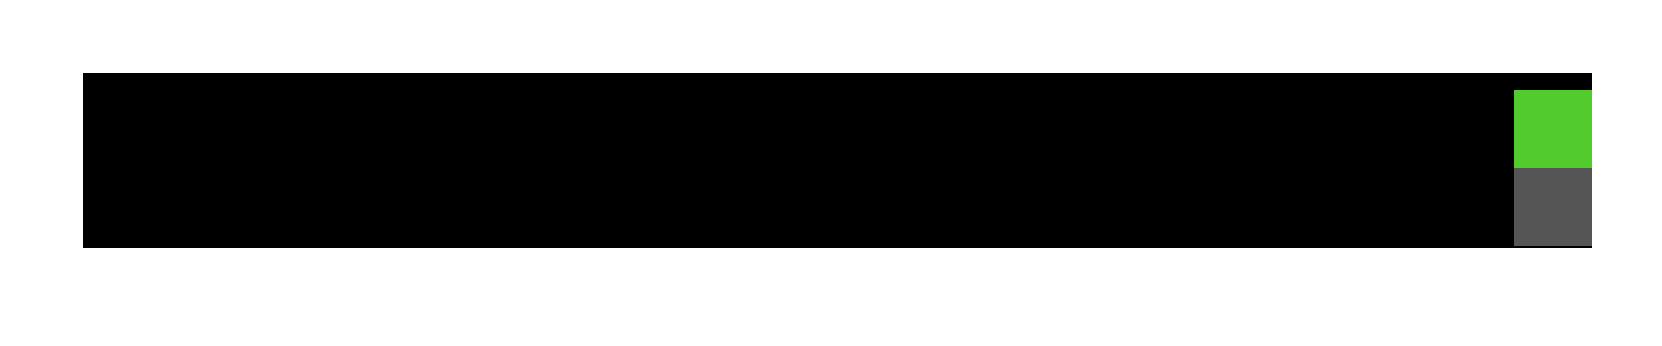 Active-Floor